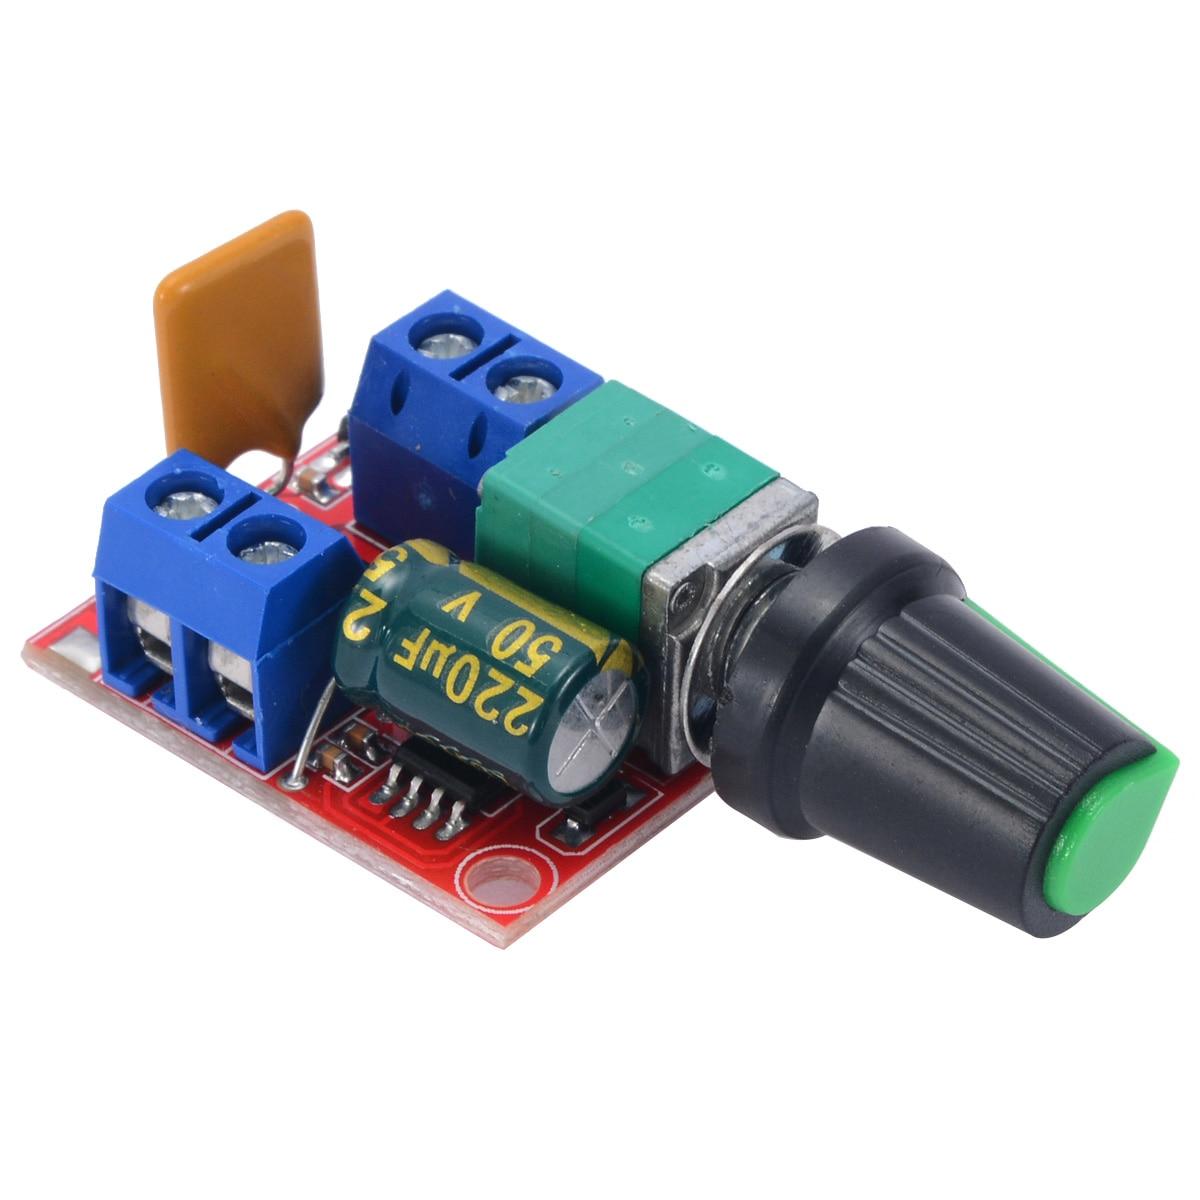 Electrical Motor Speed Controller Module 3-35V 12V 24V PWM DC Motor Speed Control Regulator Adjustable Switch LED Fan Dimmer